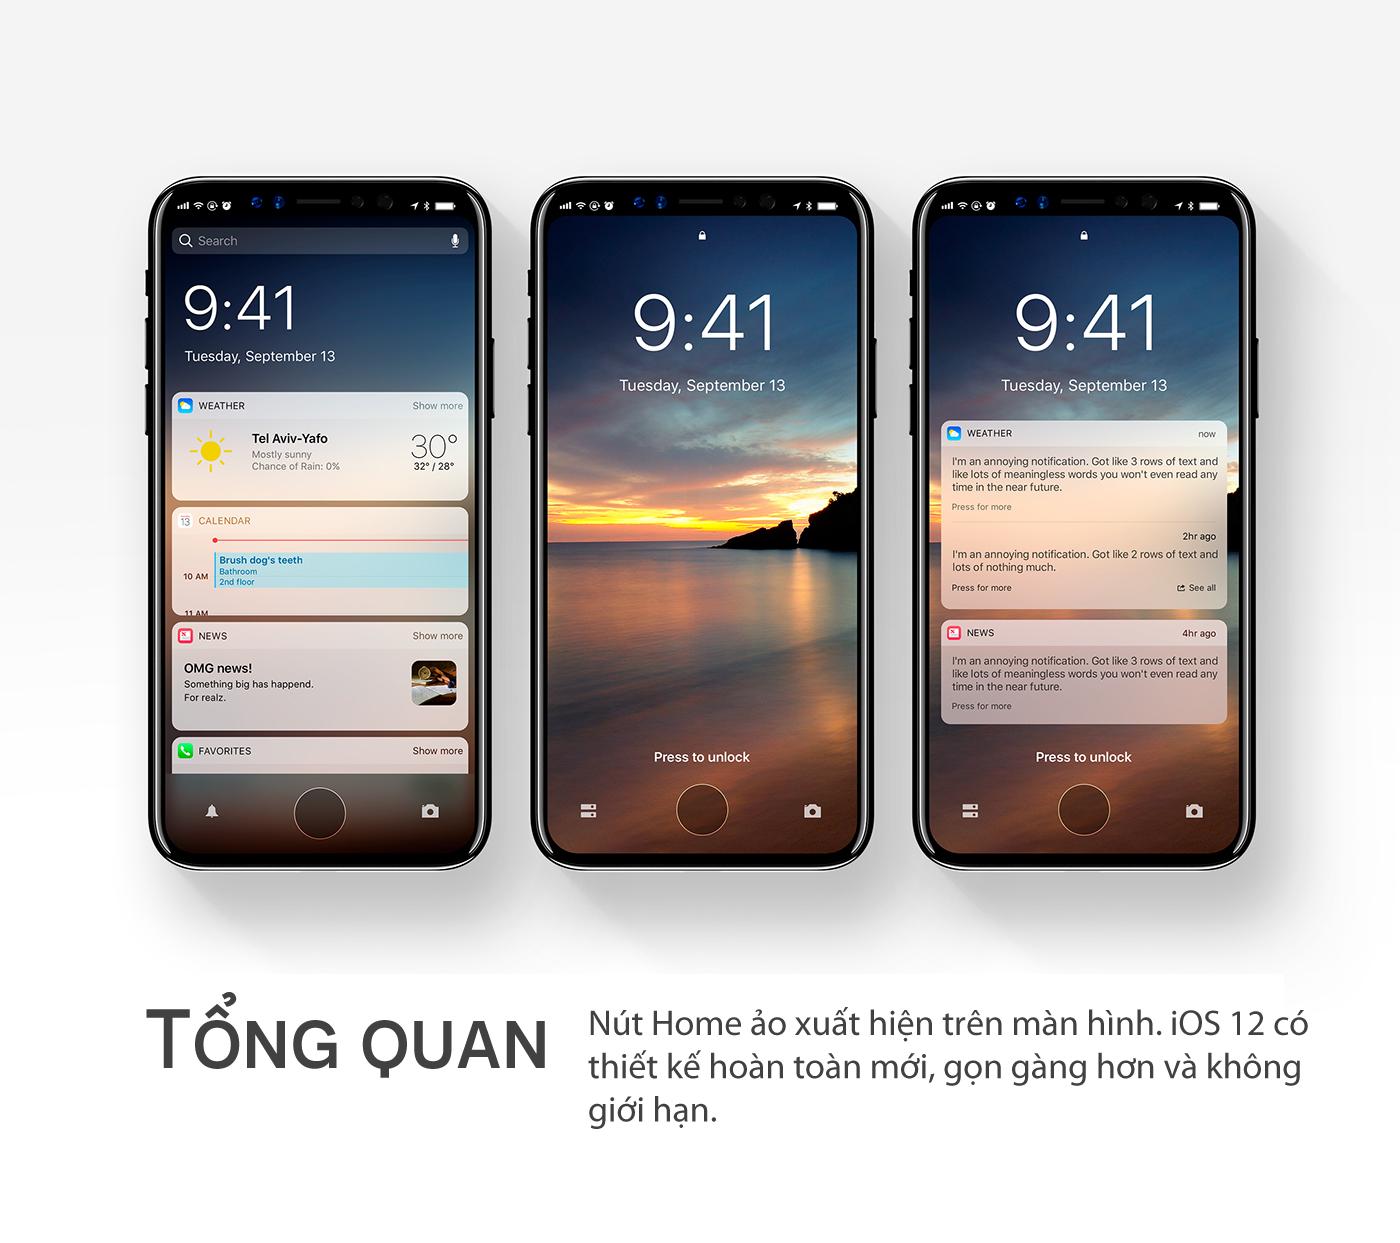 Ngắm tường tận từng ngóc ngách của iPhone 8 để xem nó tuyệt vời đến mức nào - Ảnh 3.